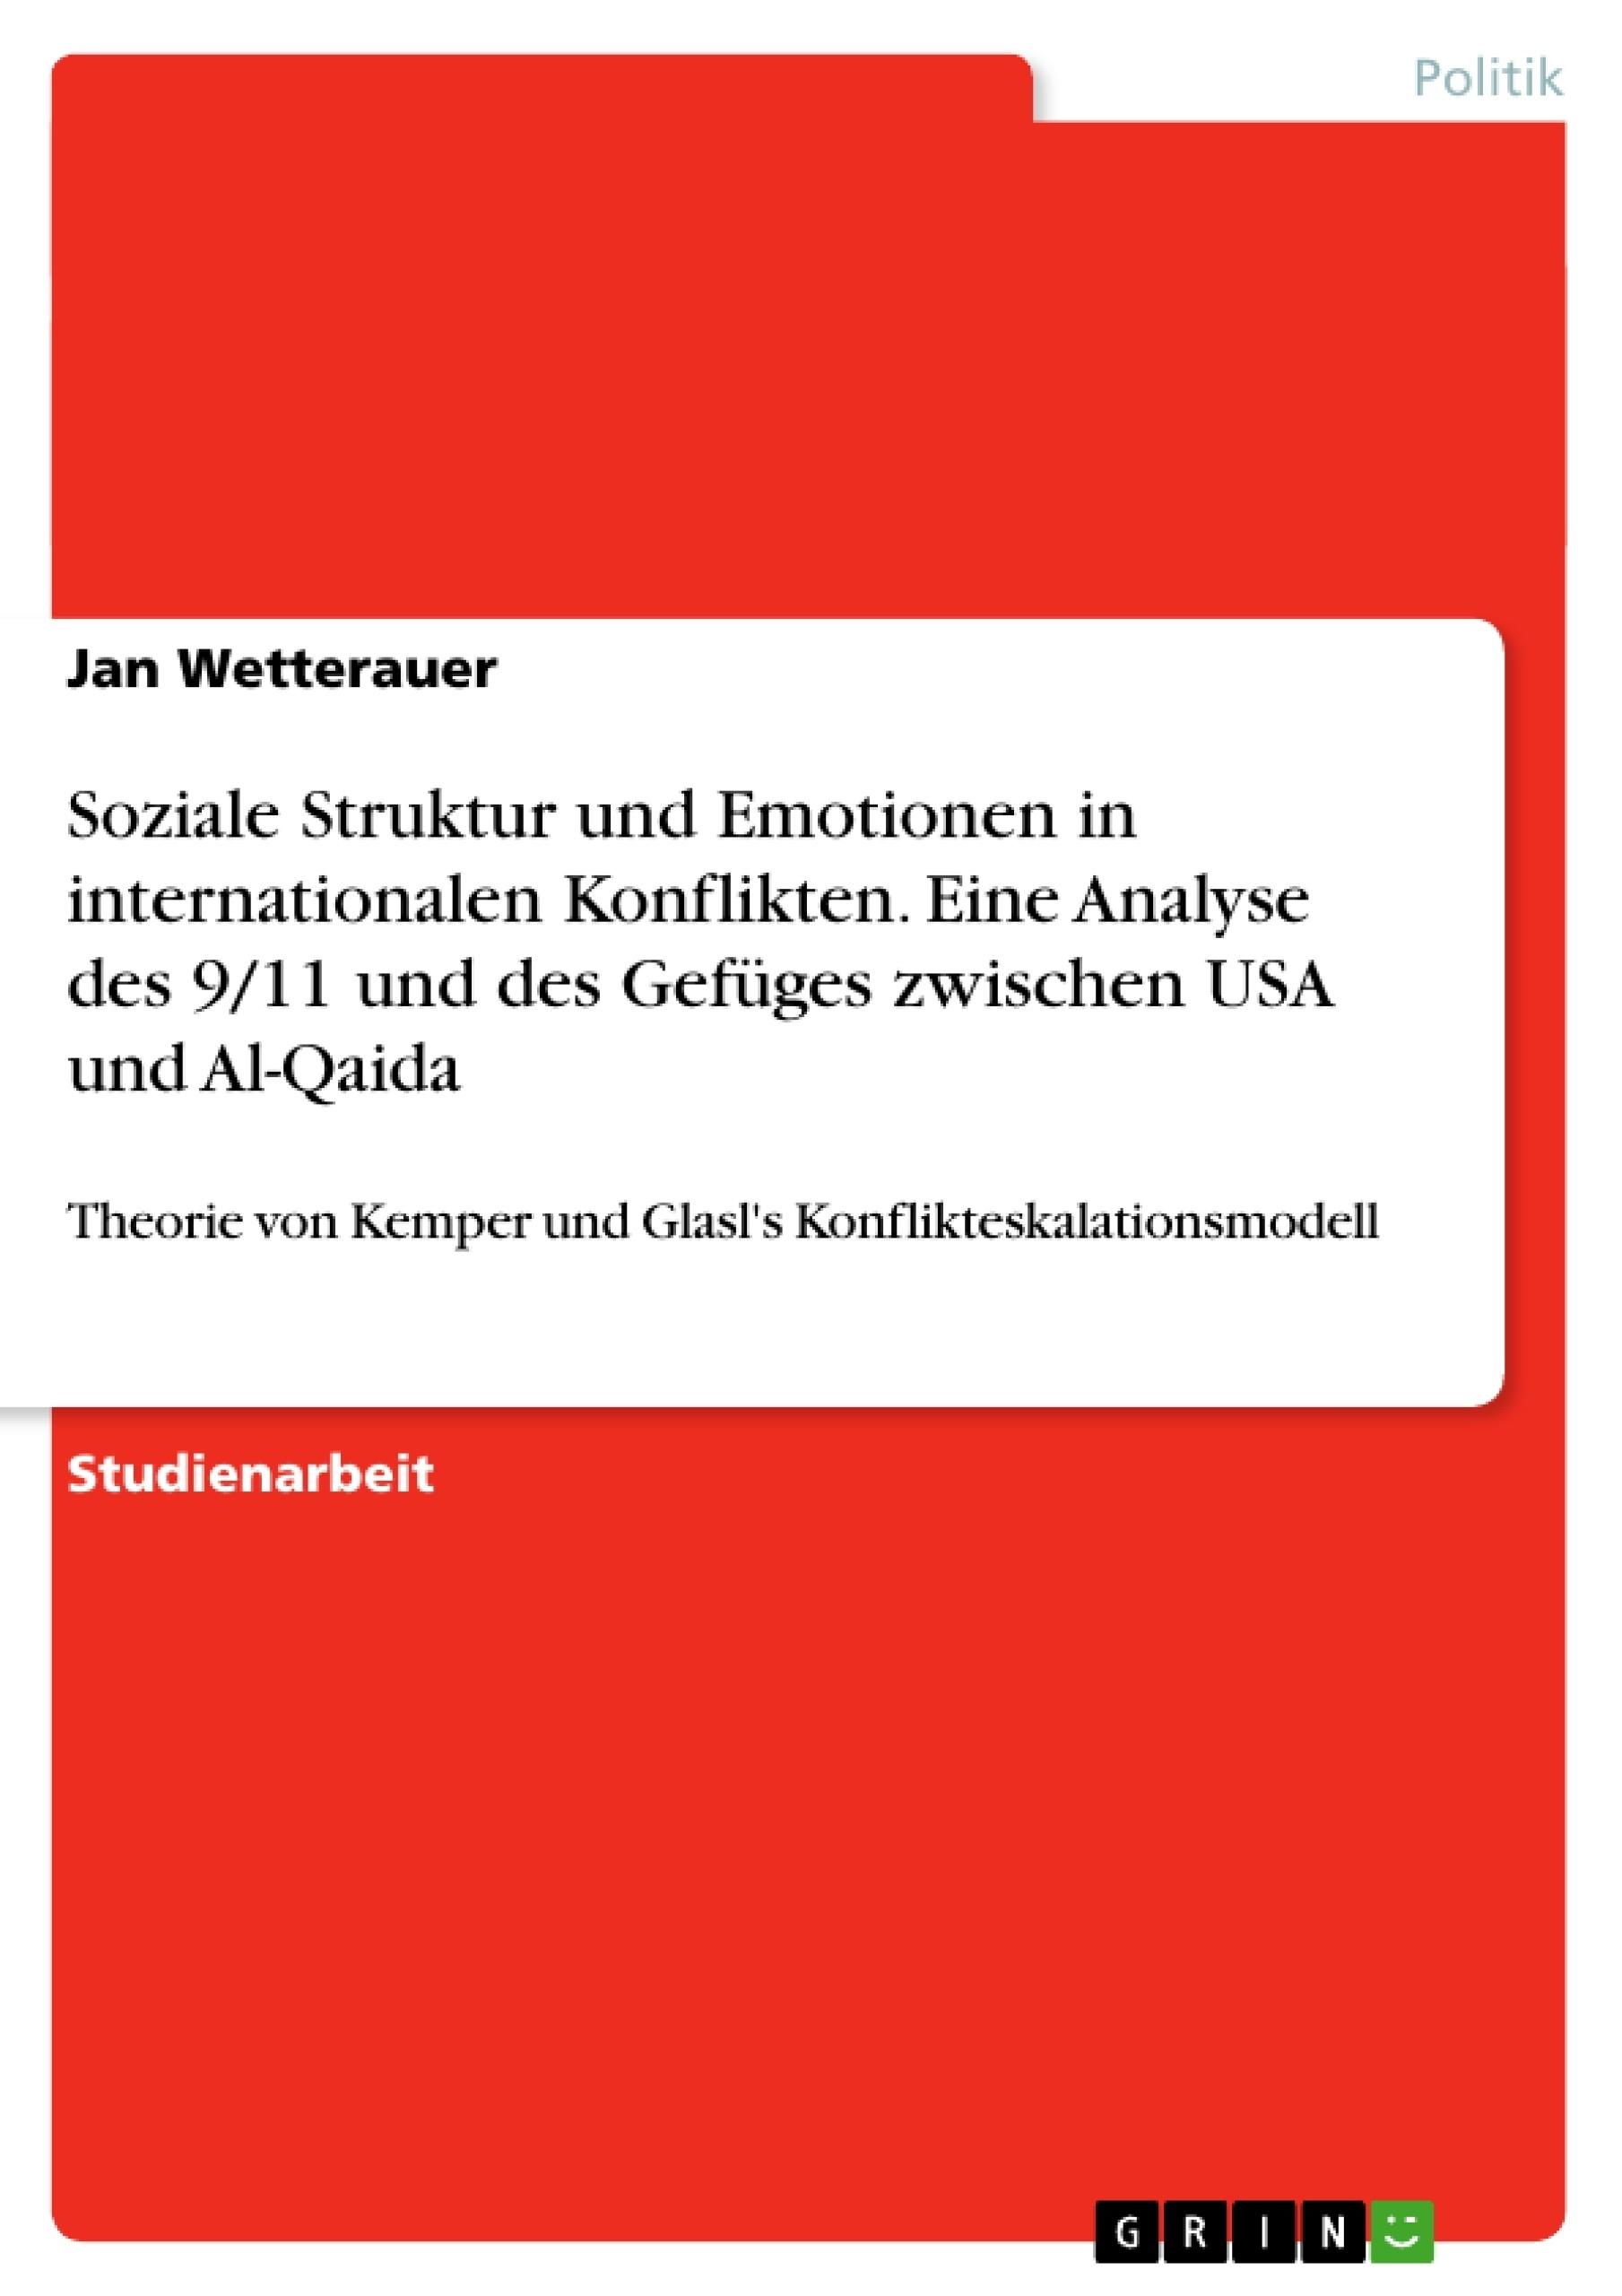 Titel: Soziale Struktur und Emotionen in internationalen Konflikten. Eine Analyse des 9/11 und des Gefüges zwischen USA und Al-Qaida